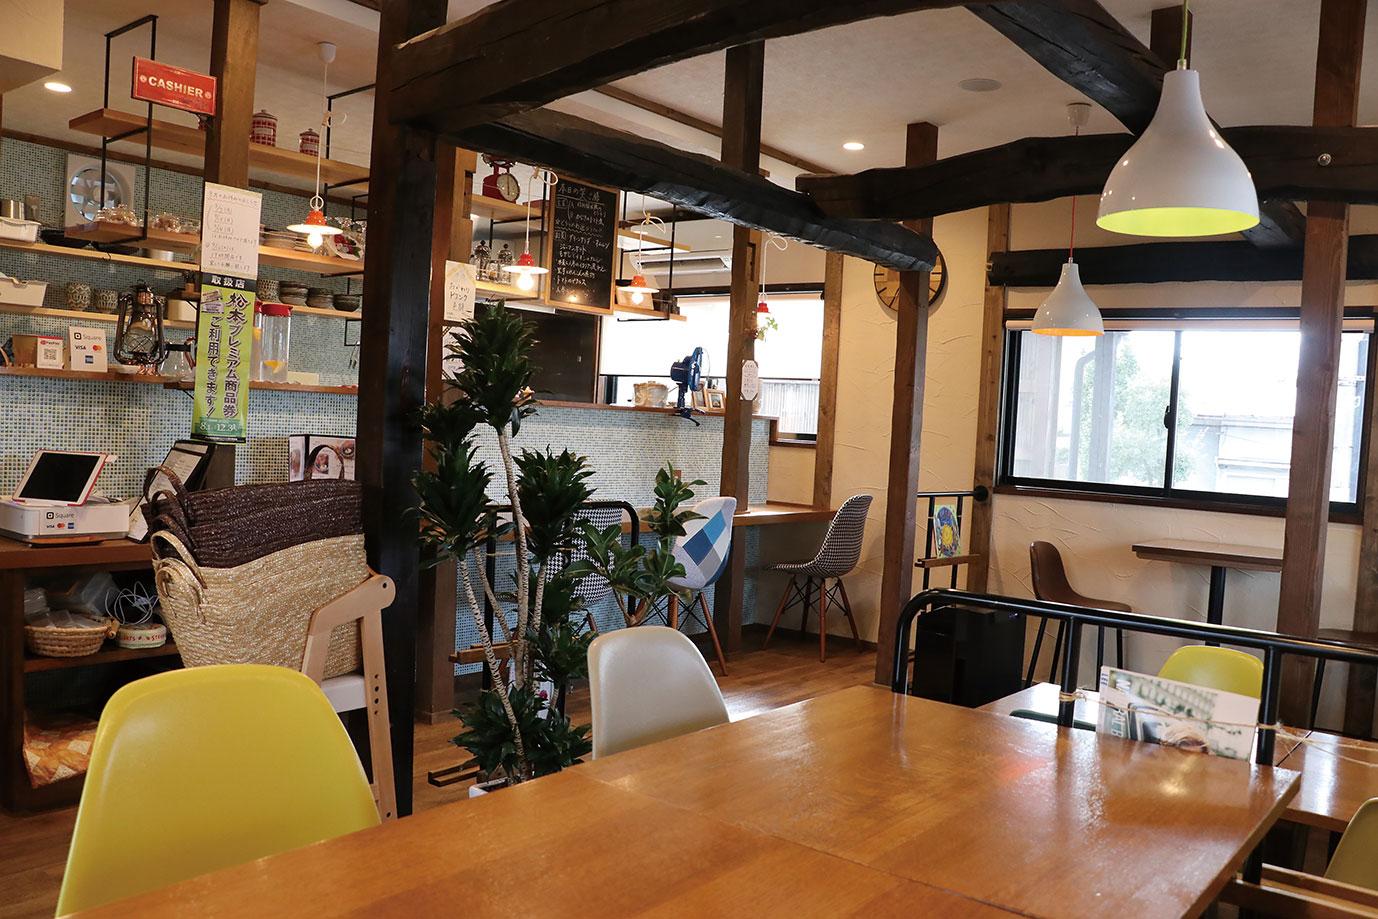 コンパクトな店内にはテーブル席とカウンター席。子連れに人気のベンチシートも。子ども用いすや子ども用食器の用意もあります。